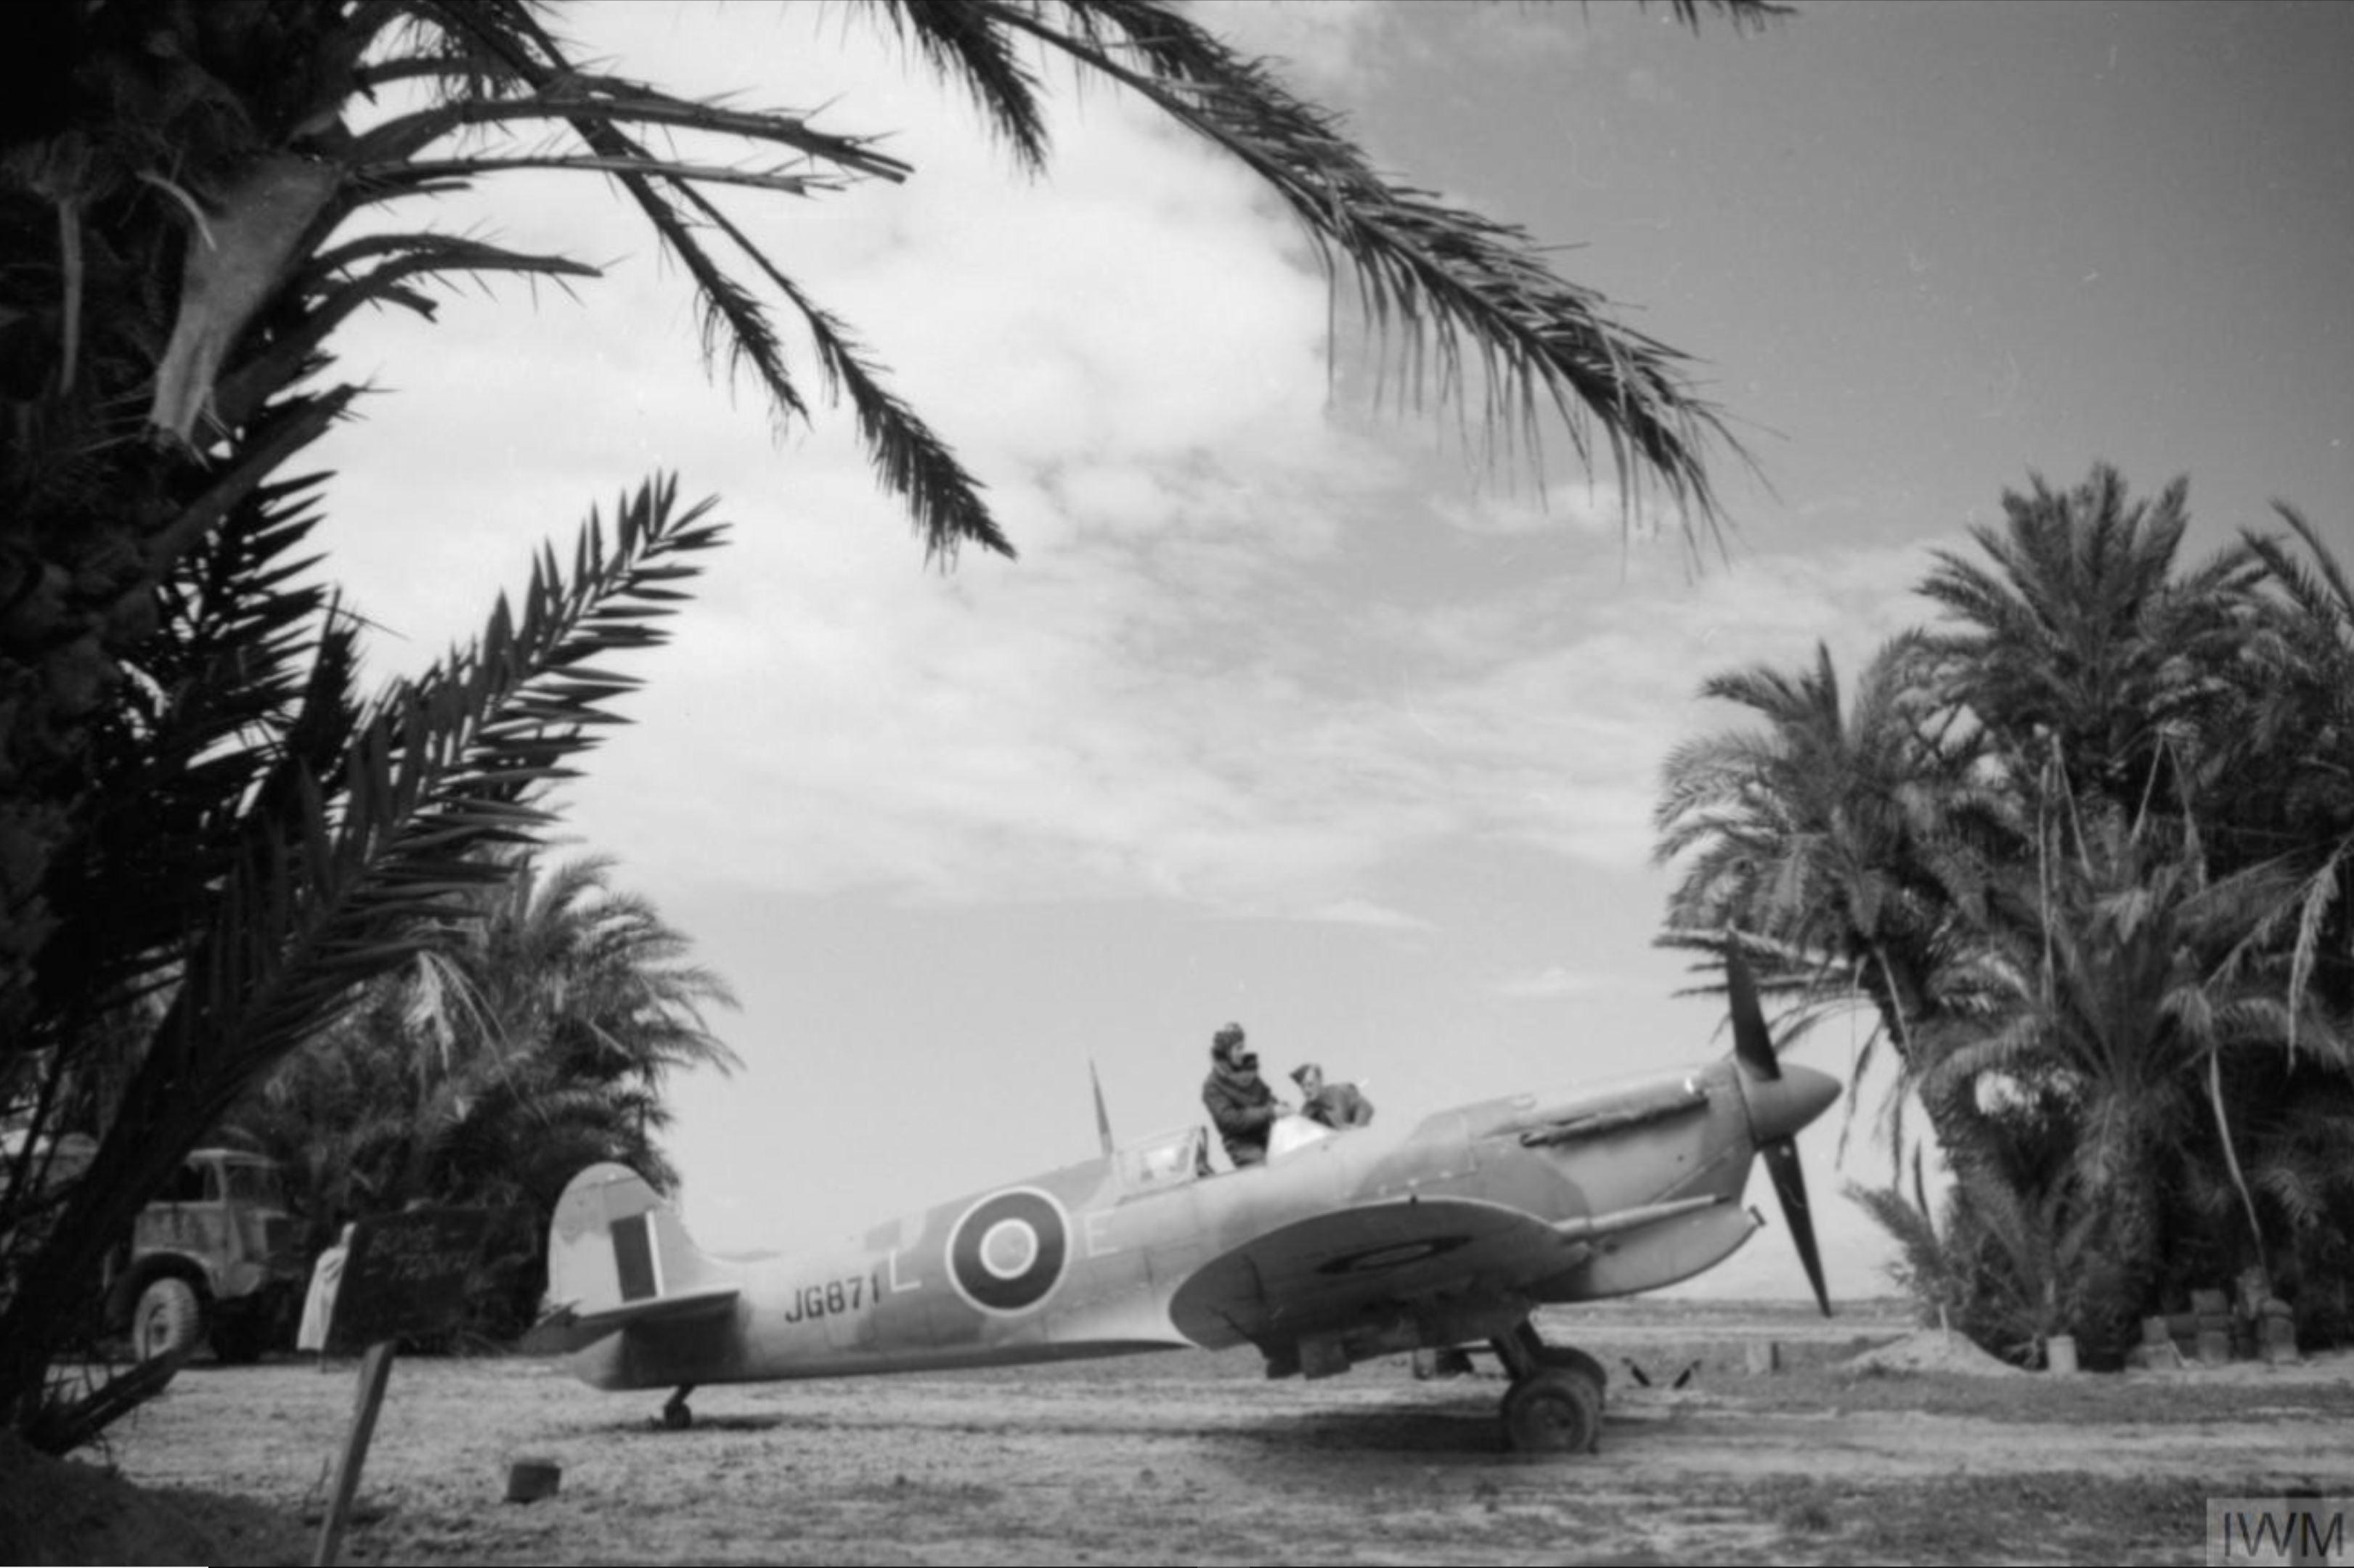 Spitfire MkVcTrop RAF 152qn LE JG871 dispersal area at Souk el Khemis Tunisia 1943 IWM CNA2272